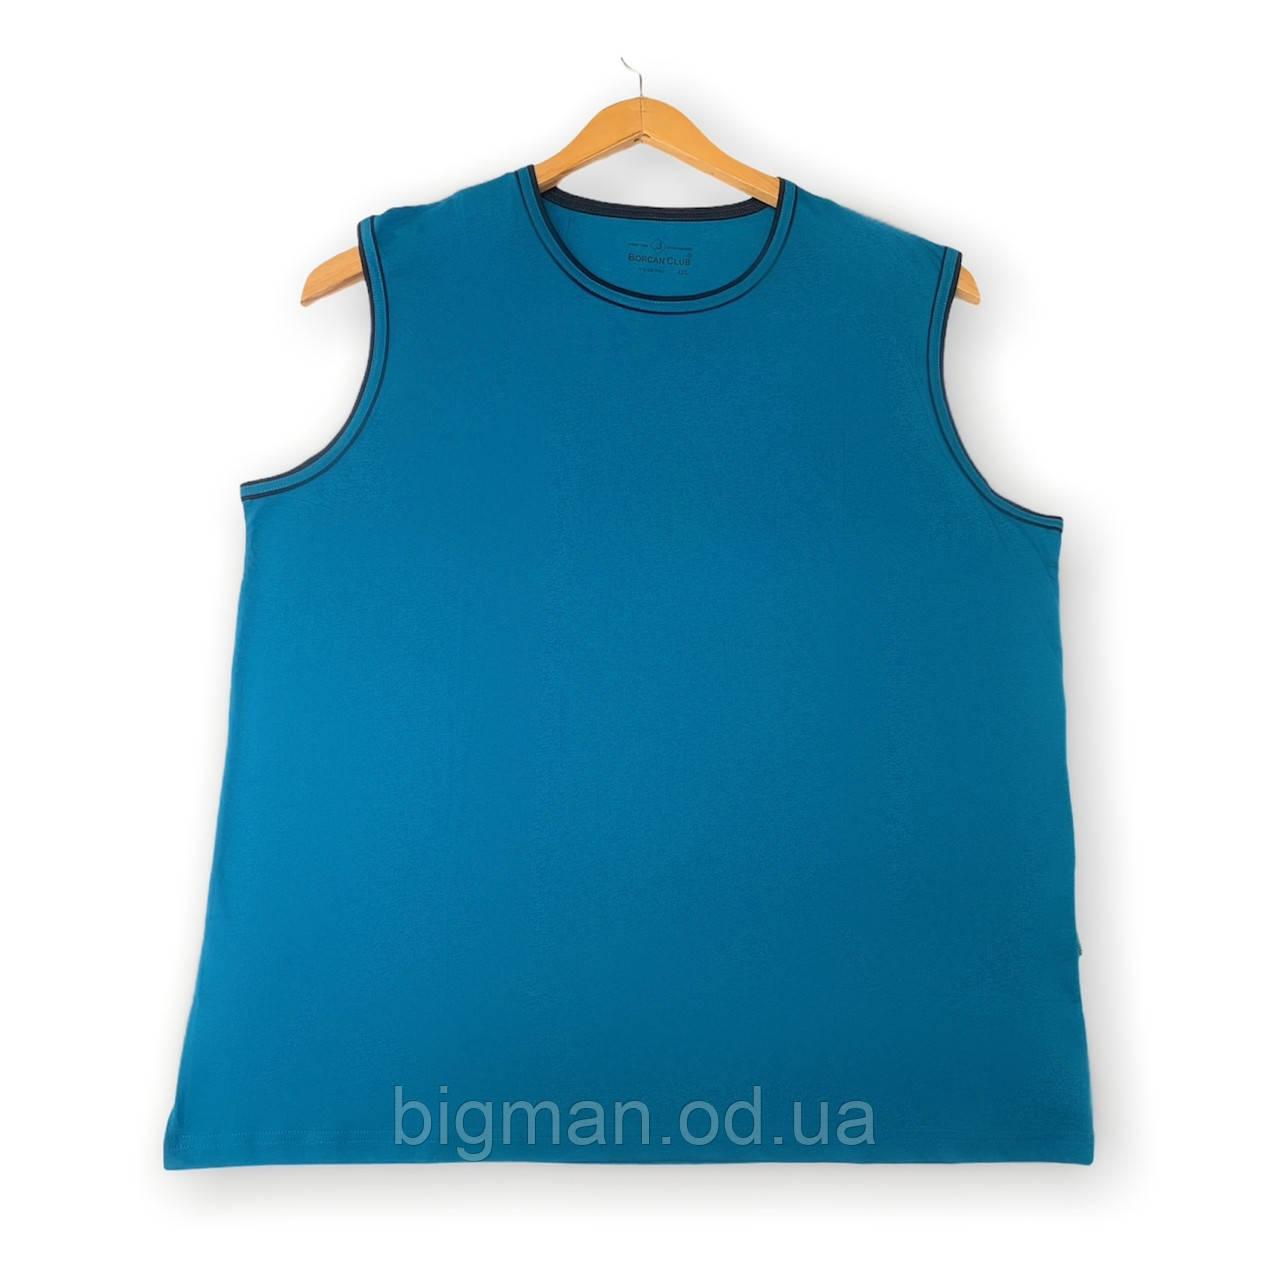 Чоловіча майка синя однотонна батал (великі розміри 6XL) Borcan Club виробництво: Туреччина